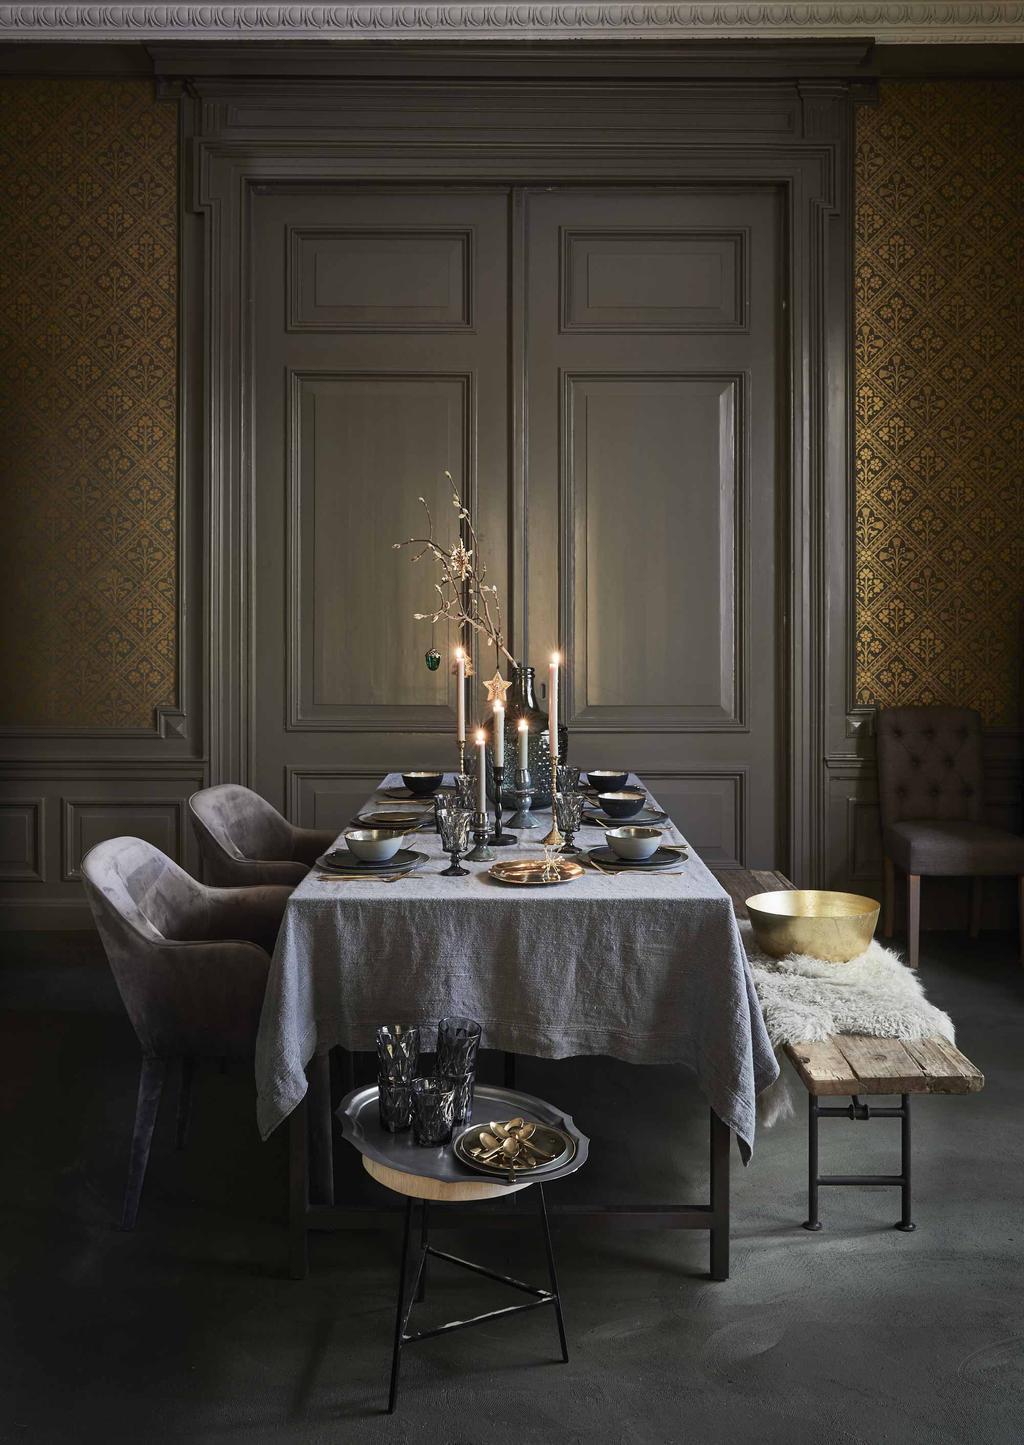 Een traditionele kerst tafel in donkere kleuren.